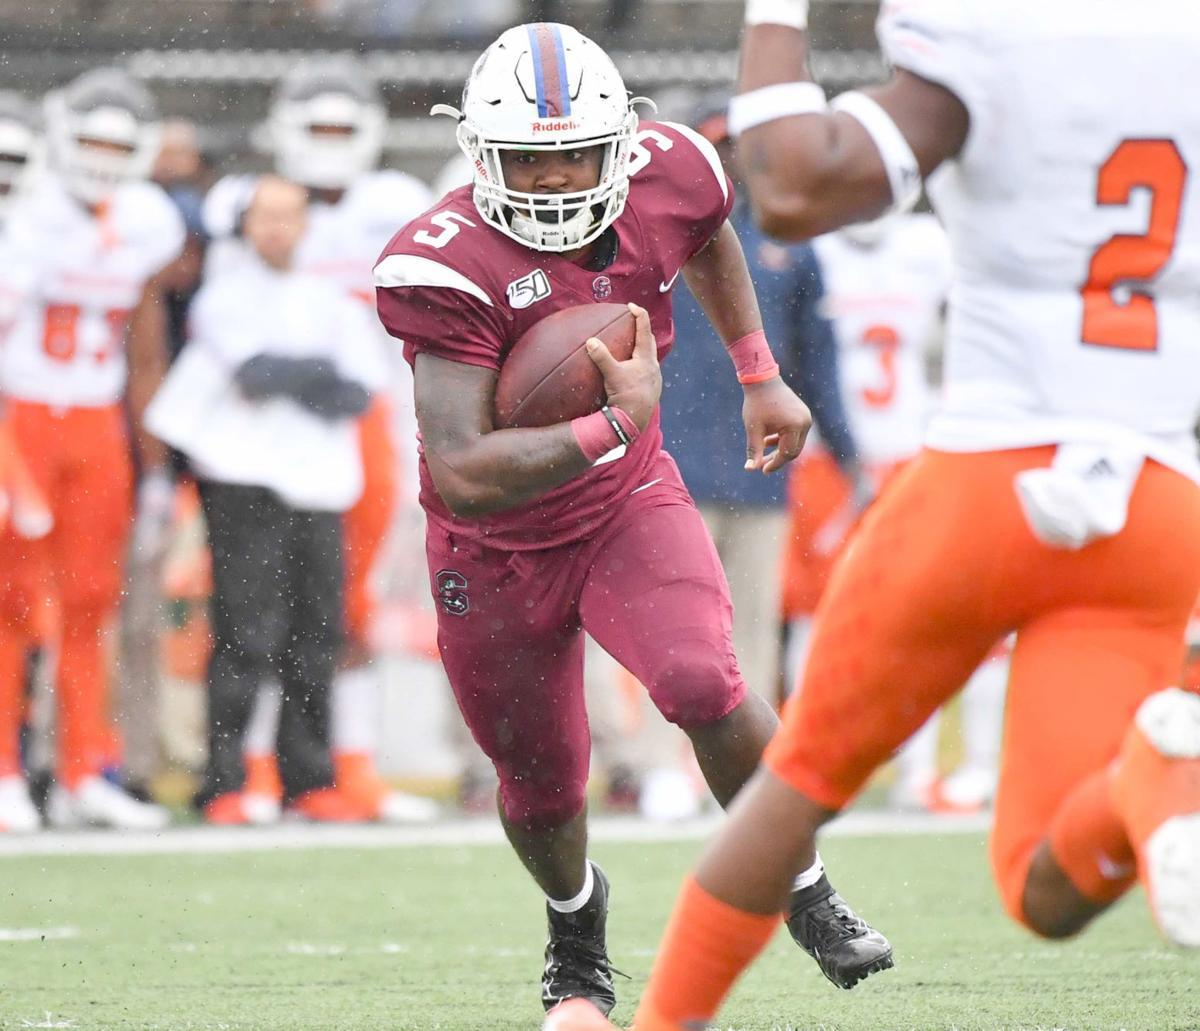 Morris runs for SC State